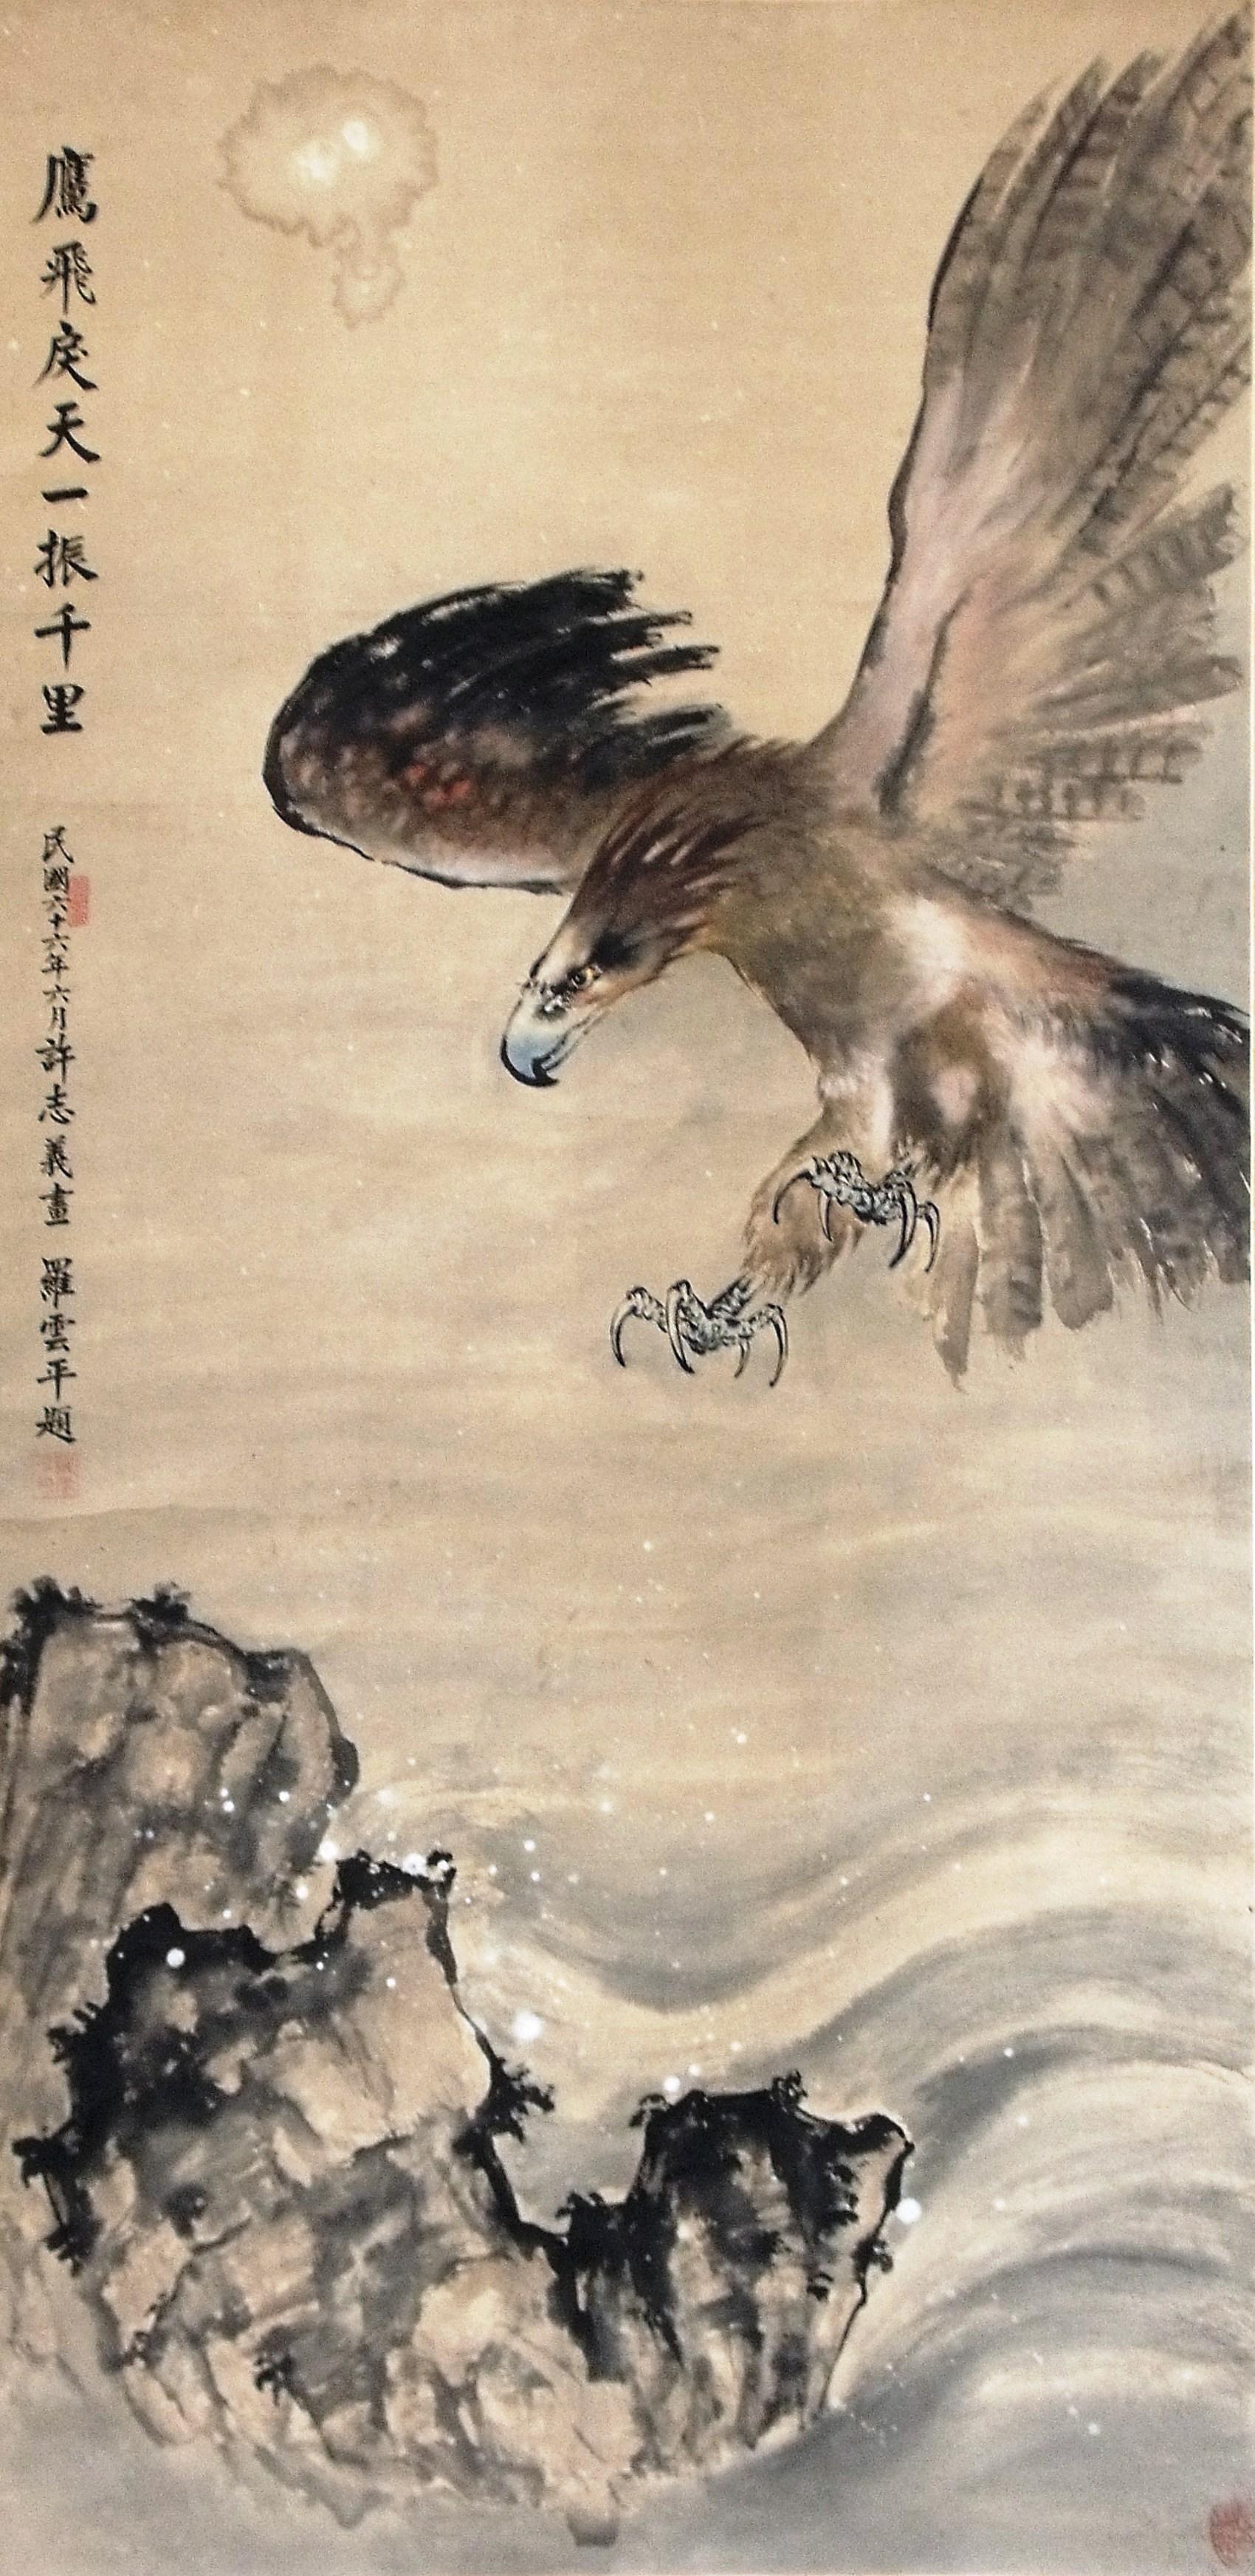 《海鷹》 許志義1977年作於台中市